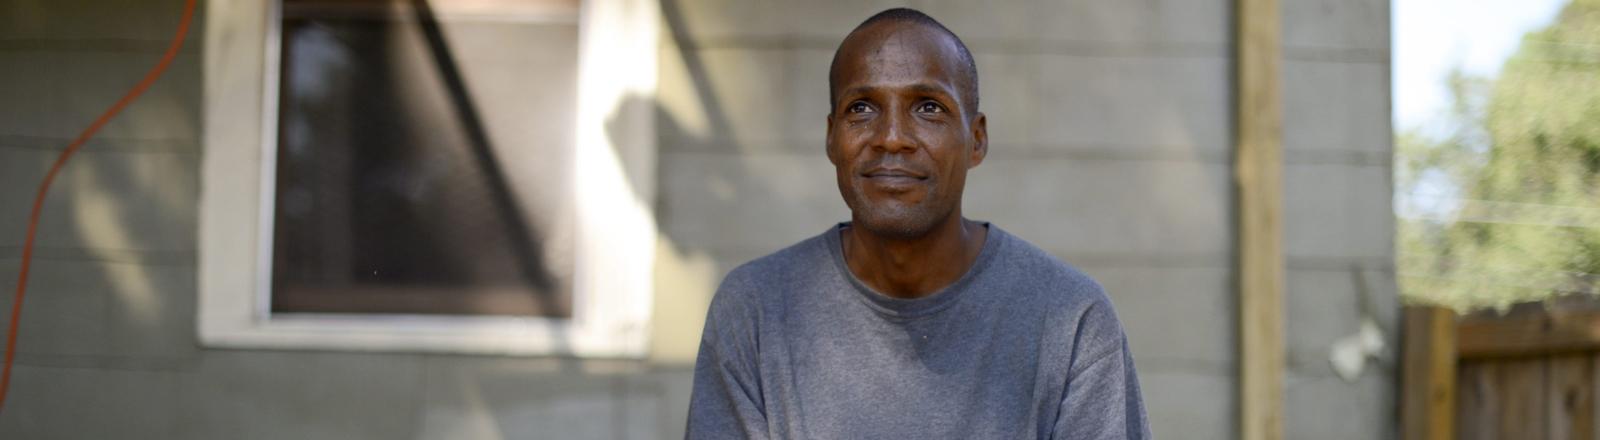 Mit speziellen Programmen werden in den USA Obdachlosen Wohnungen und Häuser vermittelt.